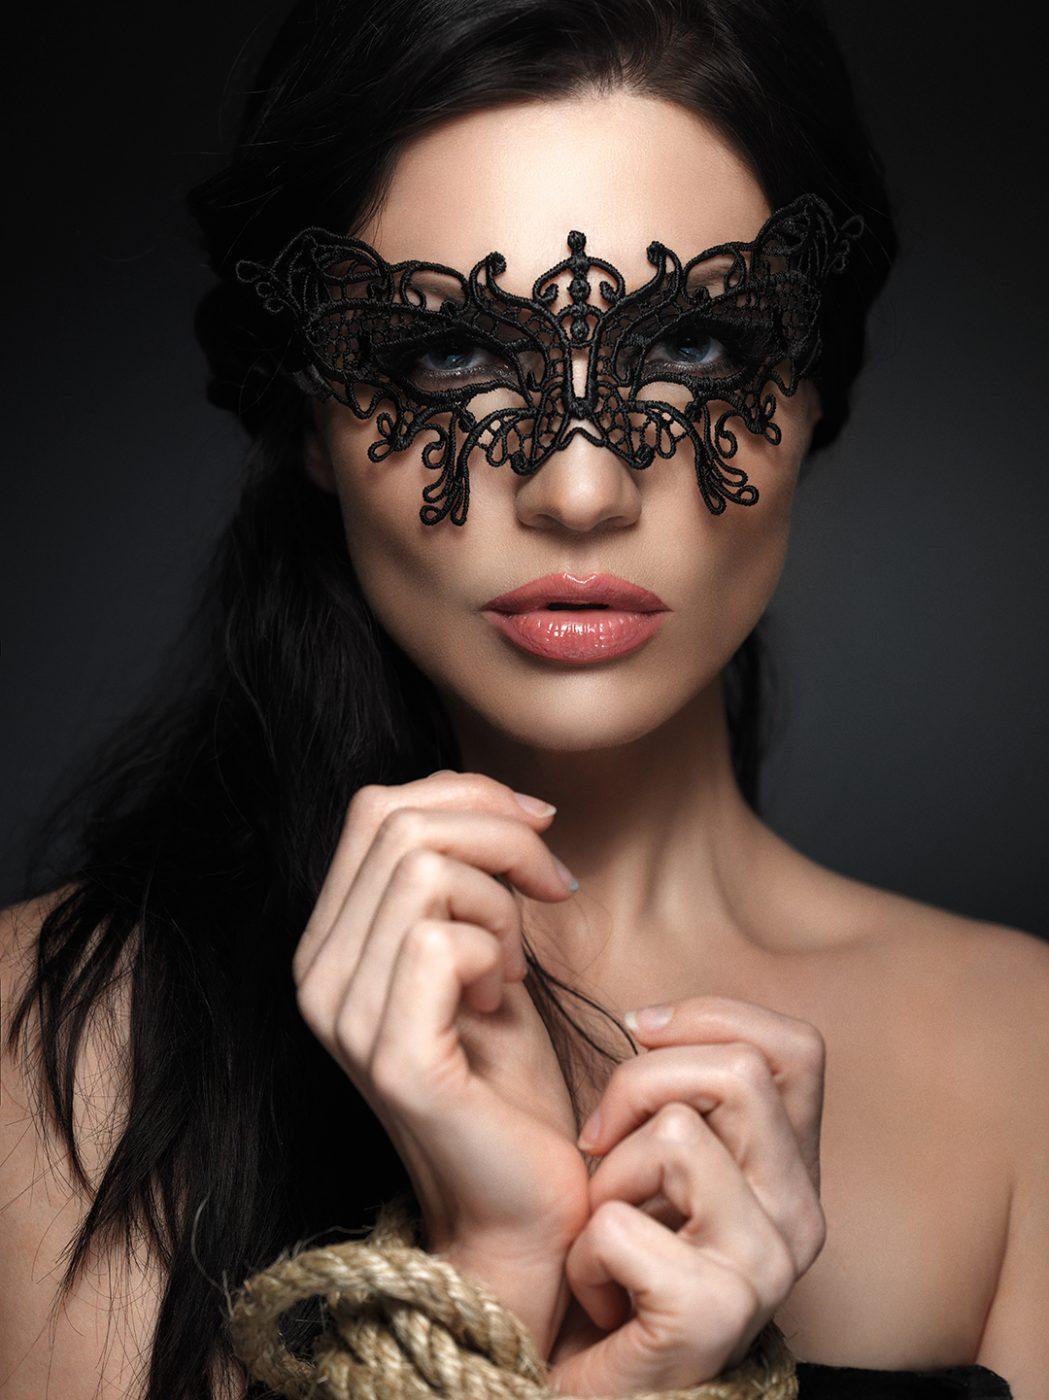 editorial makeup, fashion Makeup, beauty makeup, glamour makeup, Montreal